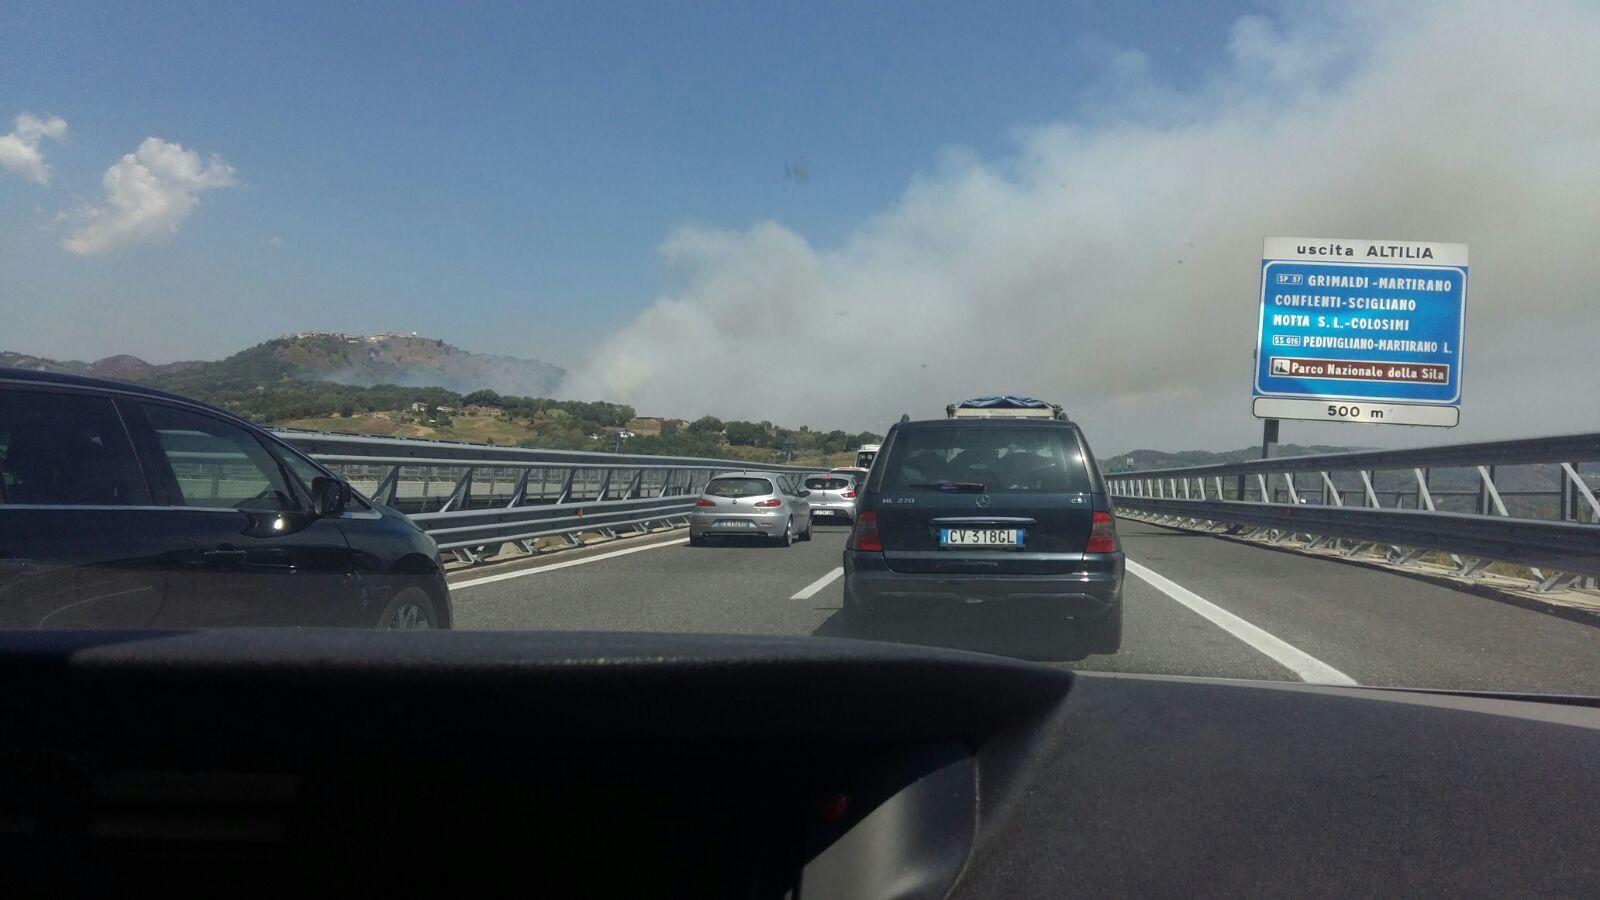 Reggio Calabria, tragedia sulla A2: un uomo si toglie la vita gettandosi da un viadotto